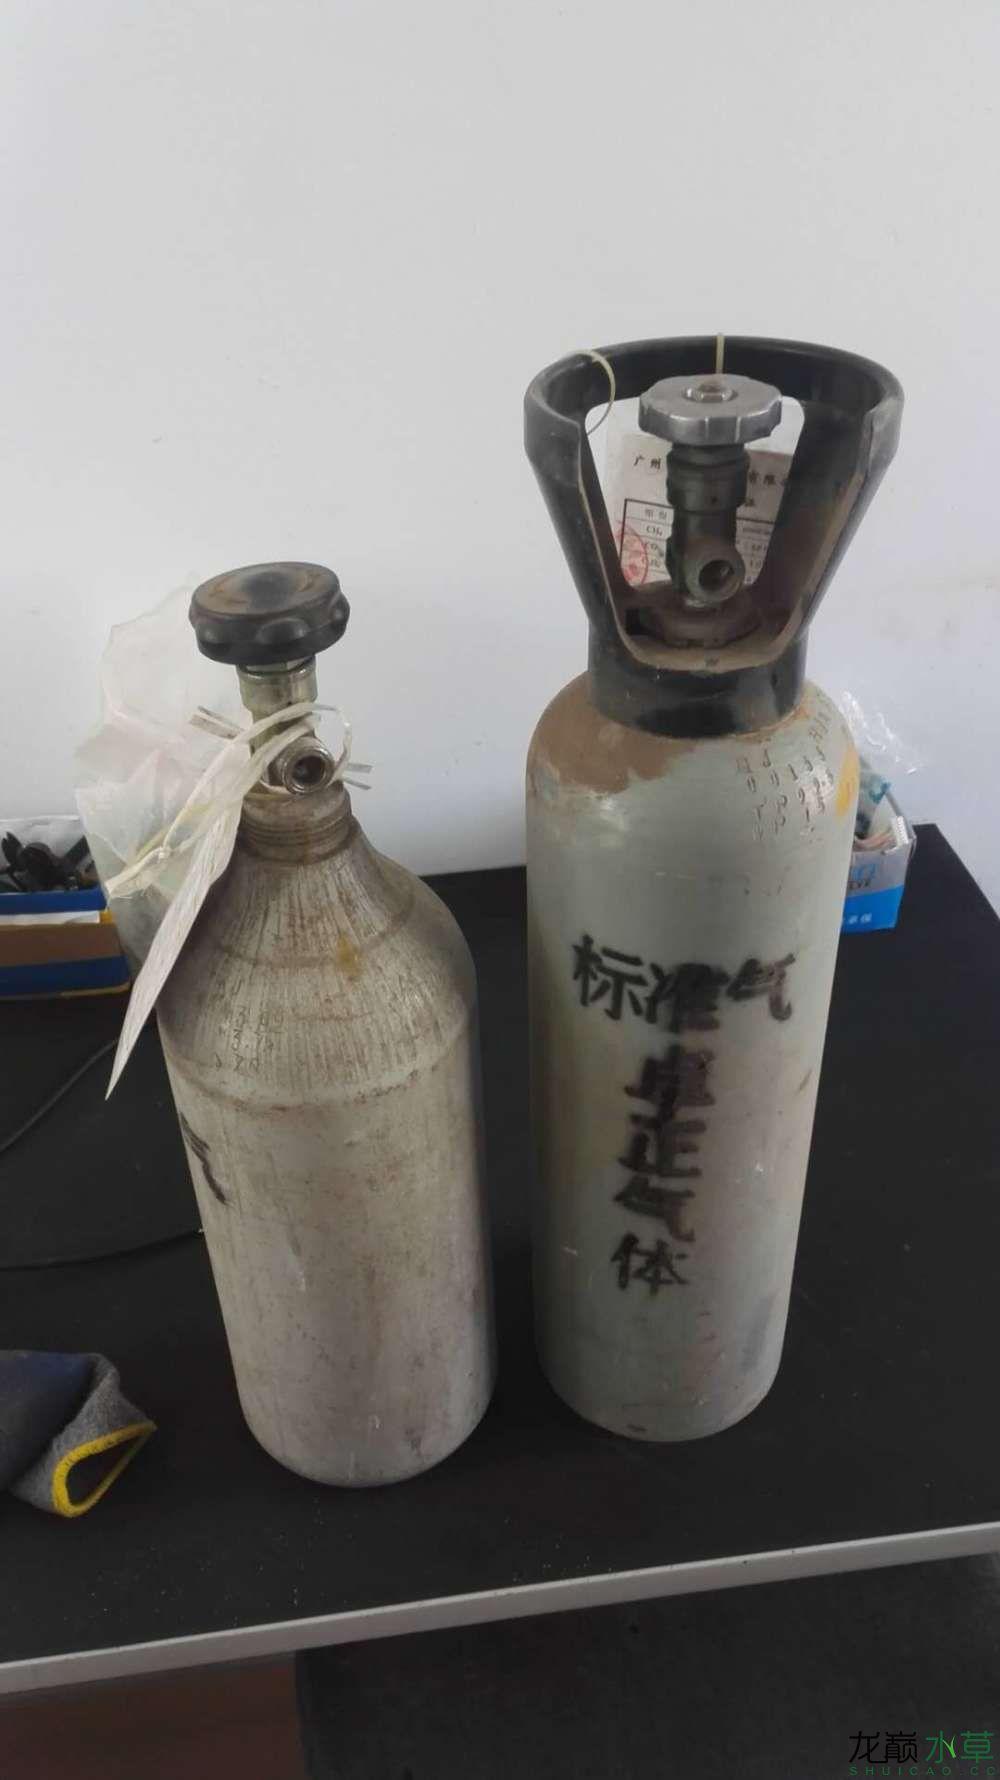 帮忙看看这个铝瓶可以充CO2吗?